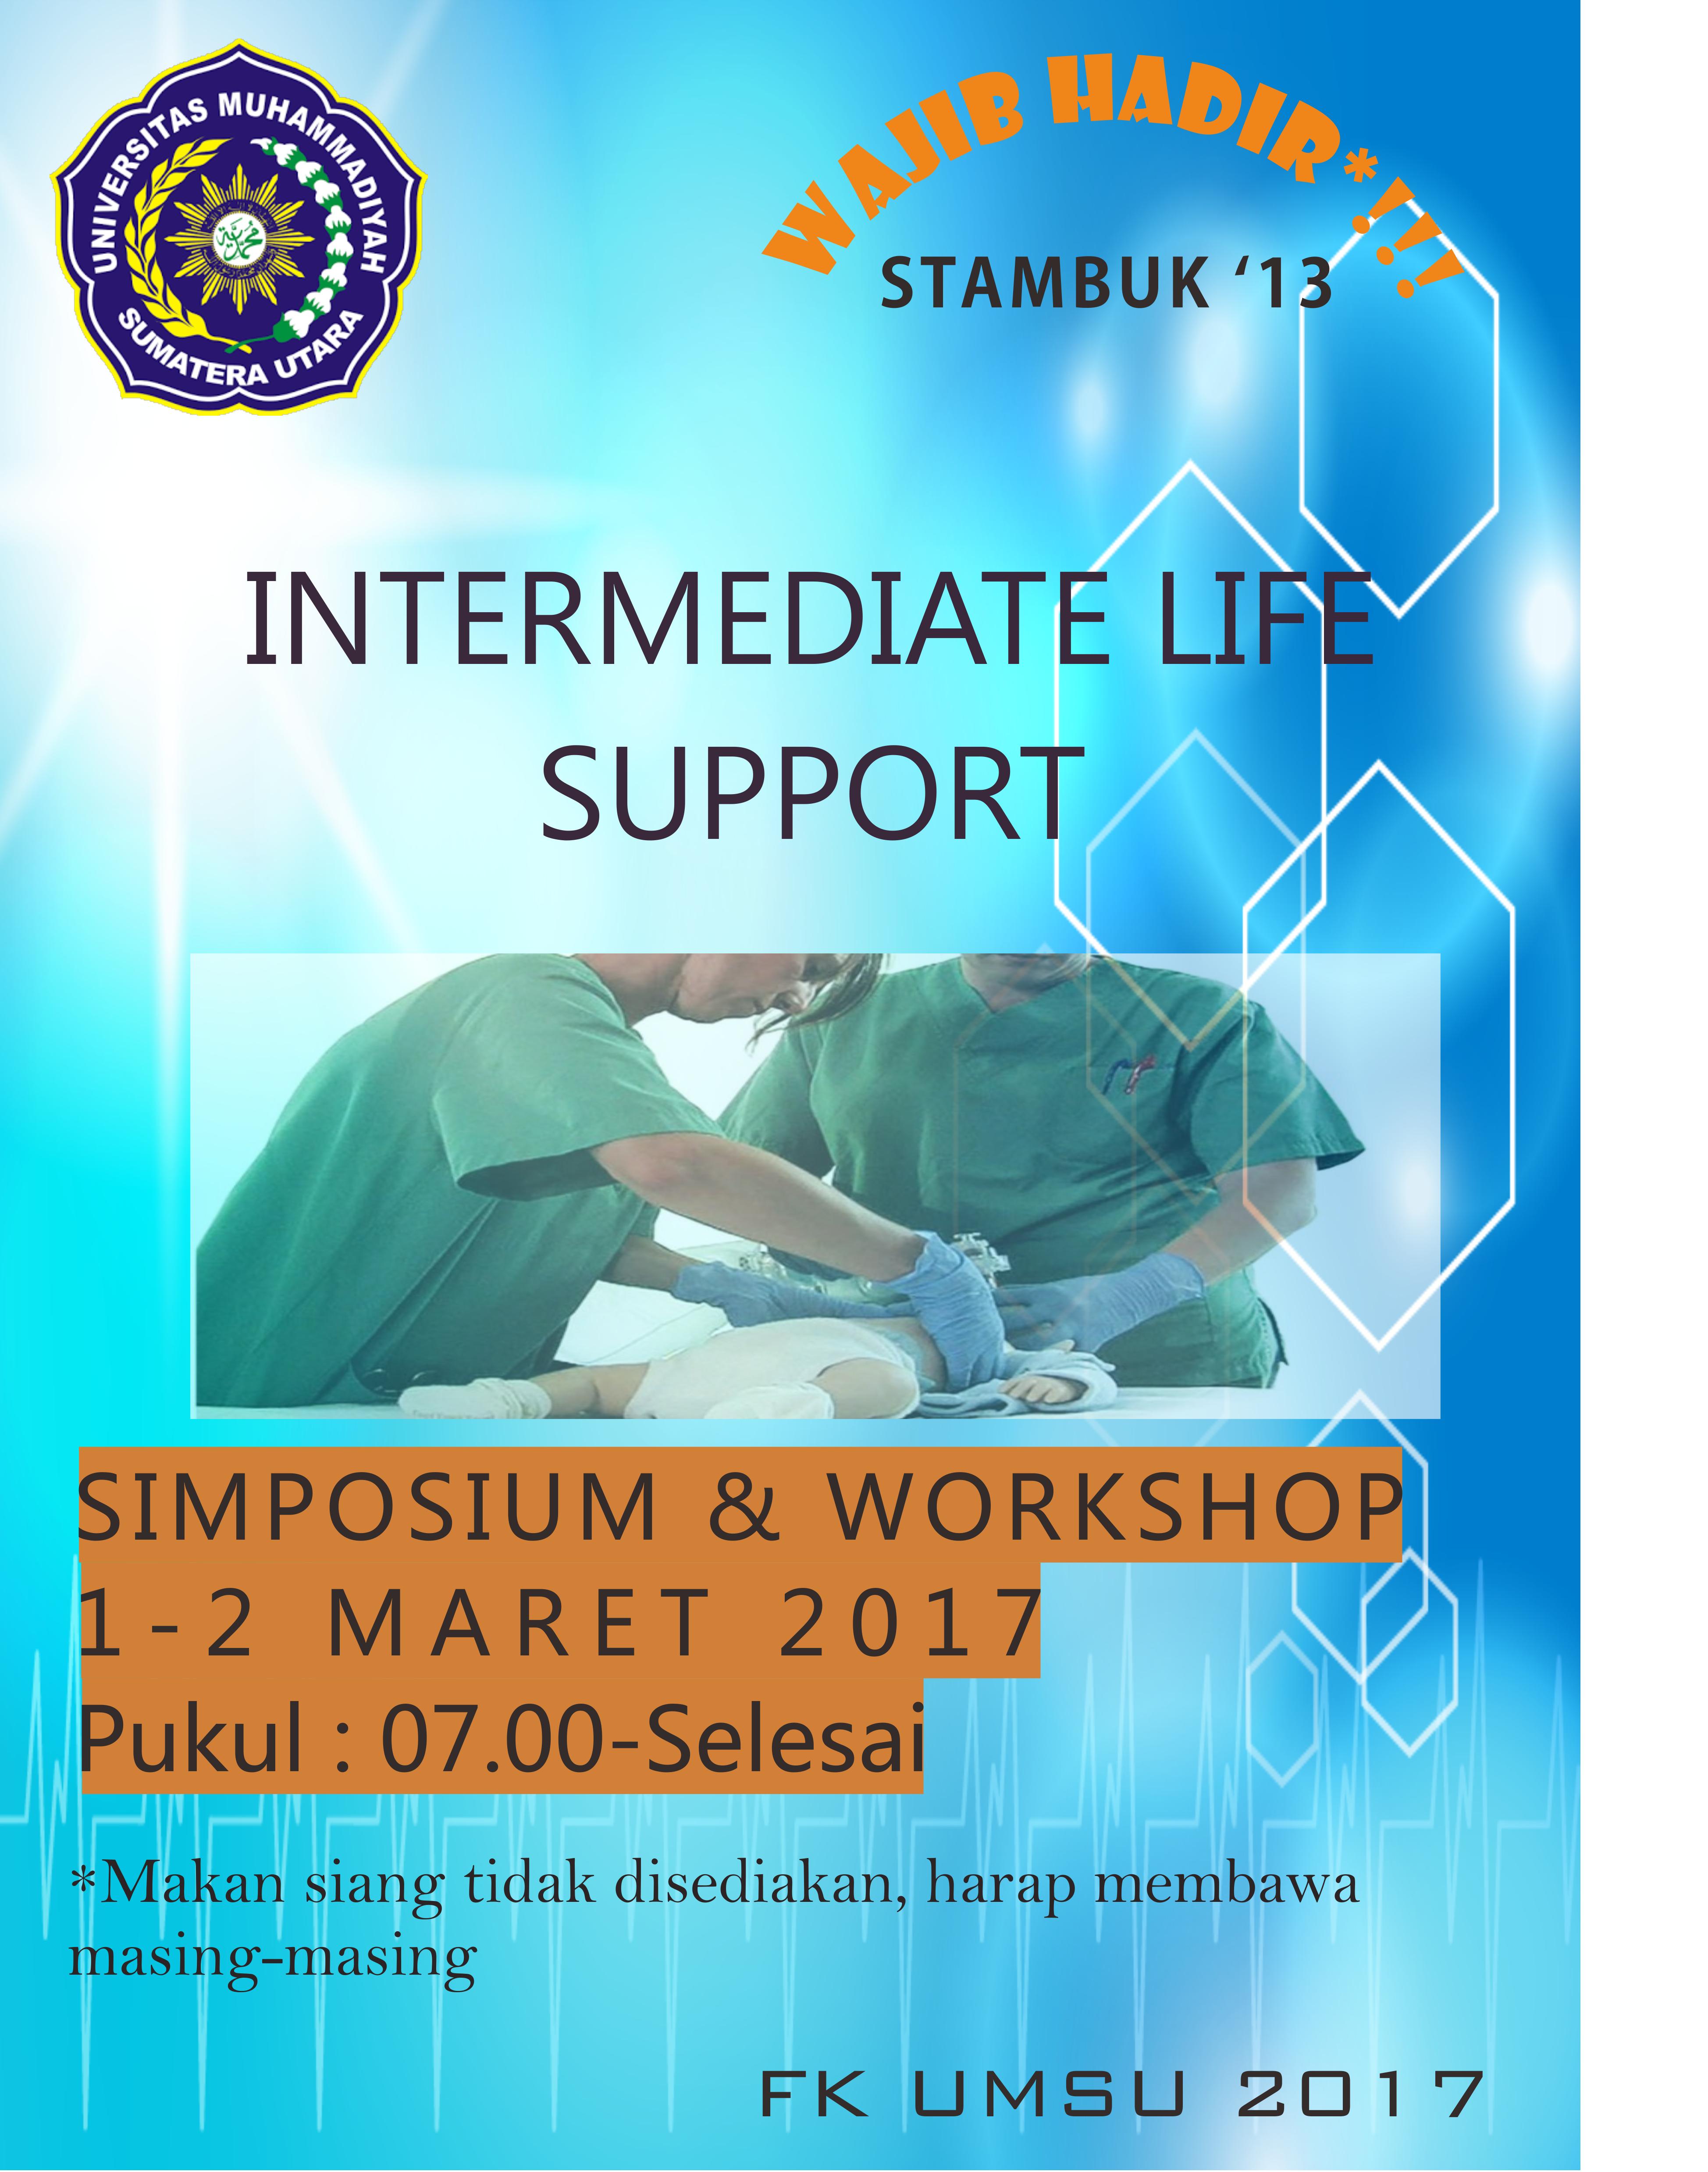 Simposium & Workshop